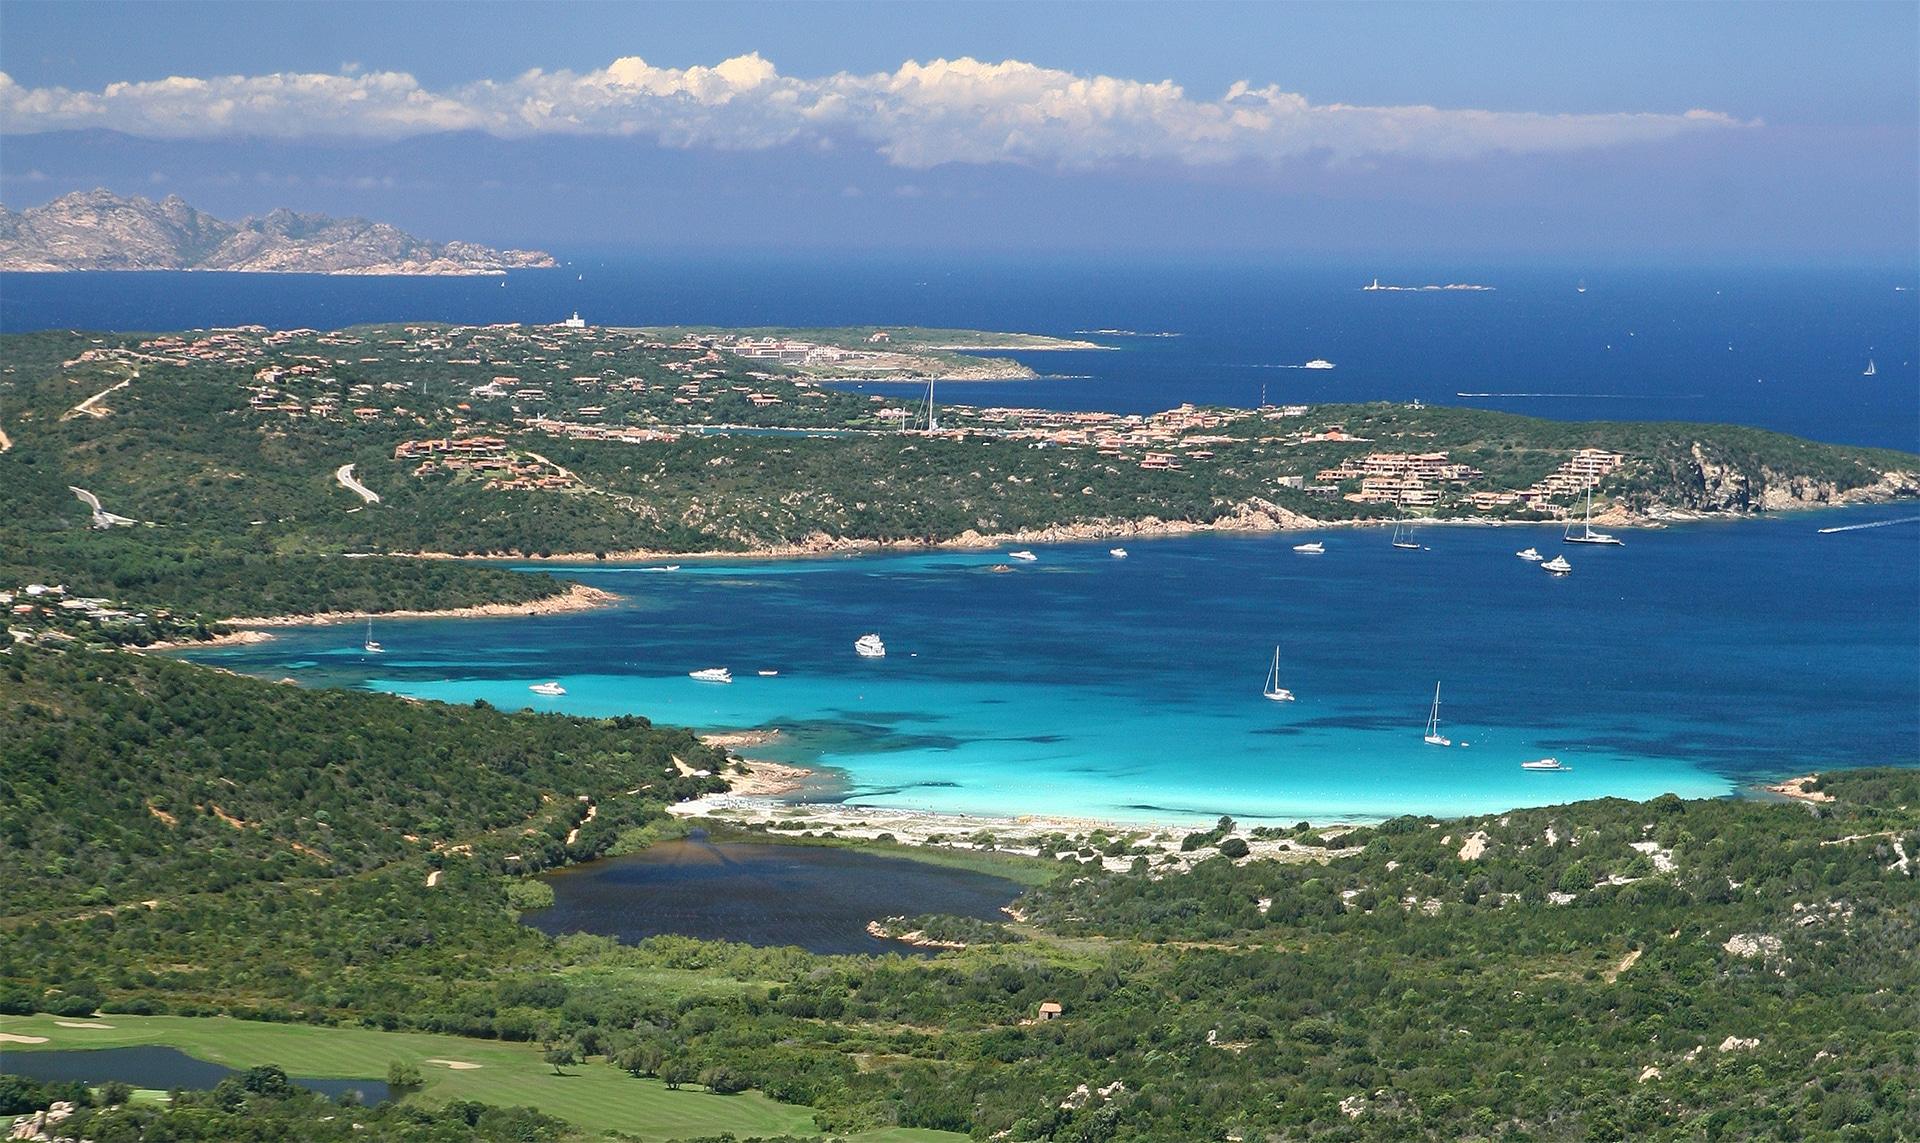 8 splendide ville e appartamenti in vendita sul golf in Gallura-Costa Smeralda